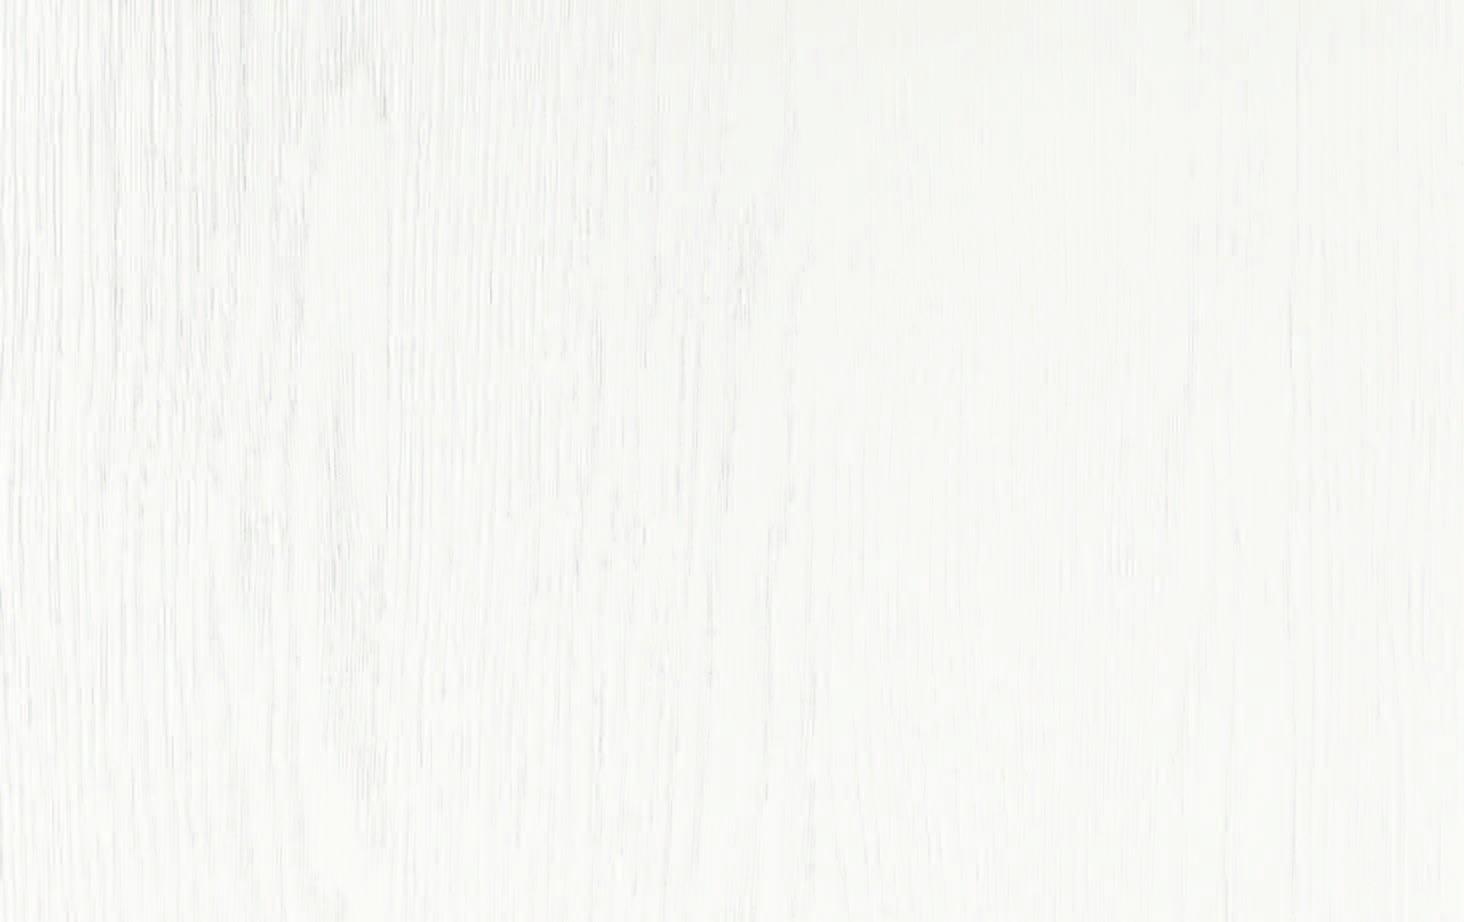 RV0550 Laccato Bianco Poro Aperto